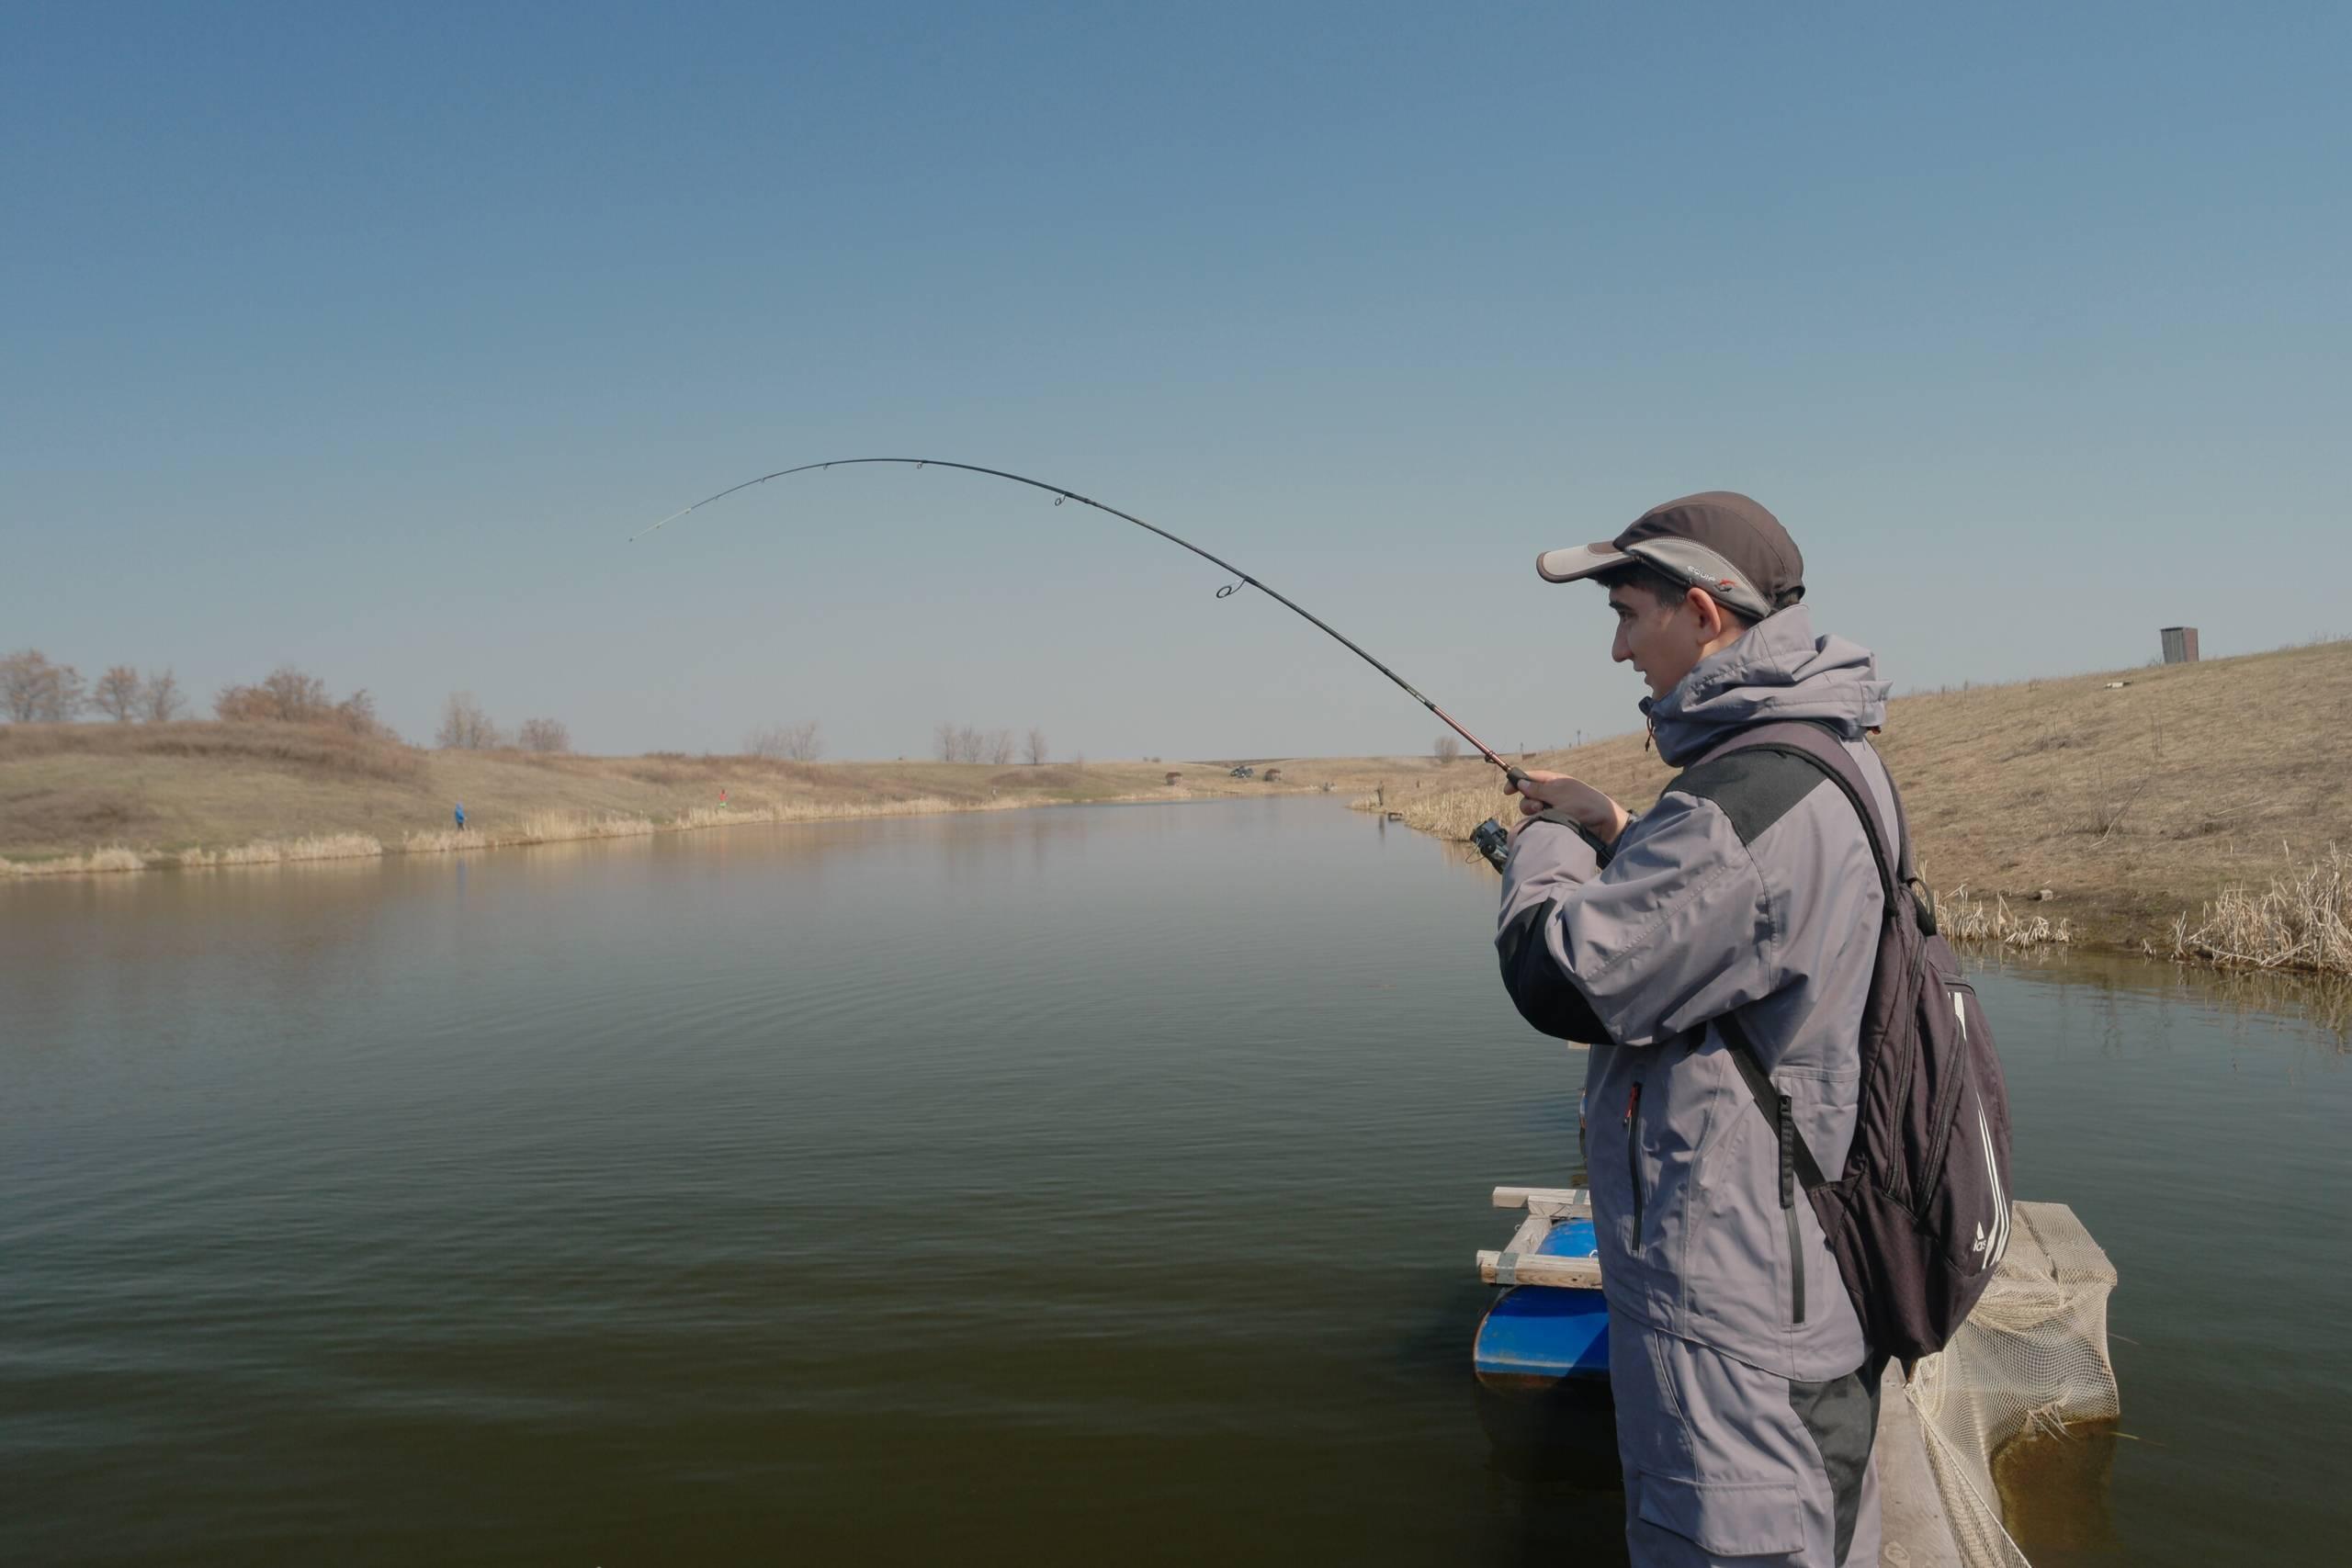 Где можно порыбачить в алматинской области - рыбалка на балхаше: рыболовно-охотничья база завидоvо, рыболовные туры в казахстан